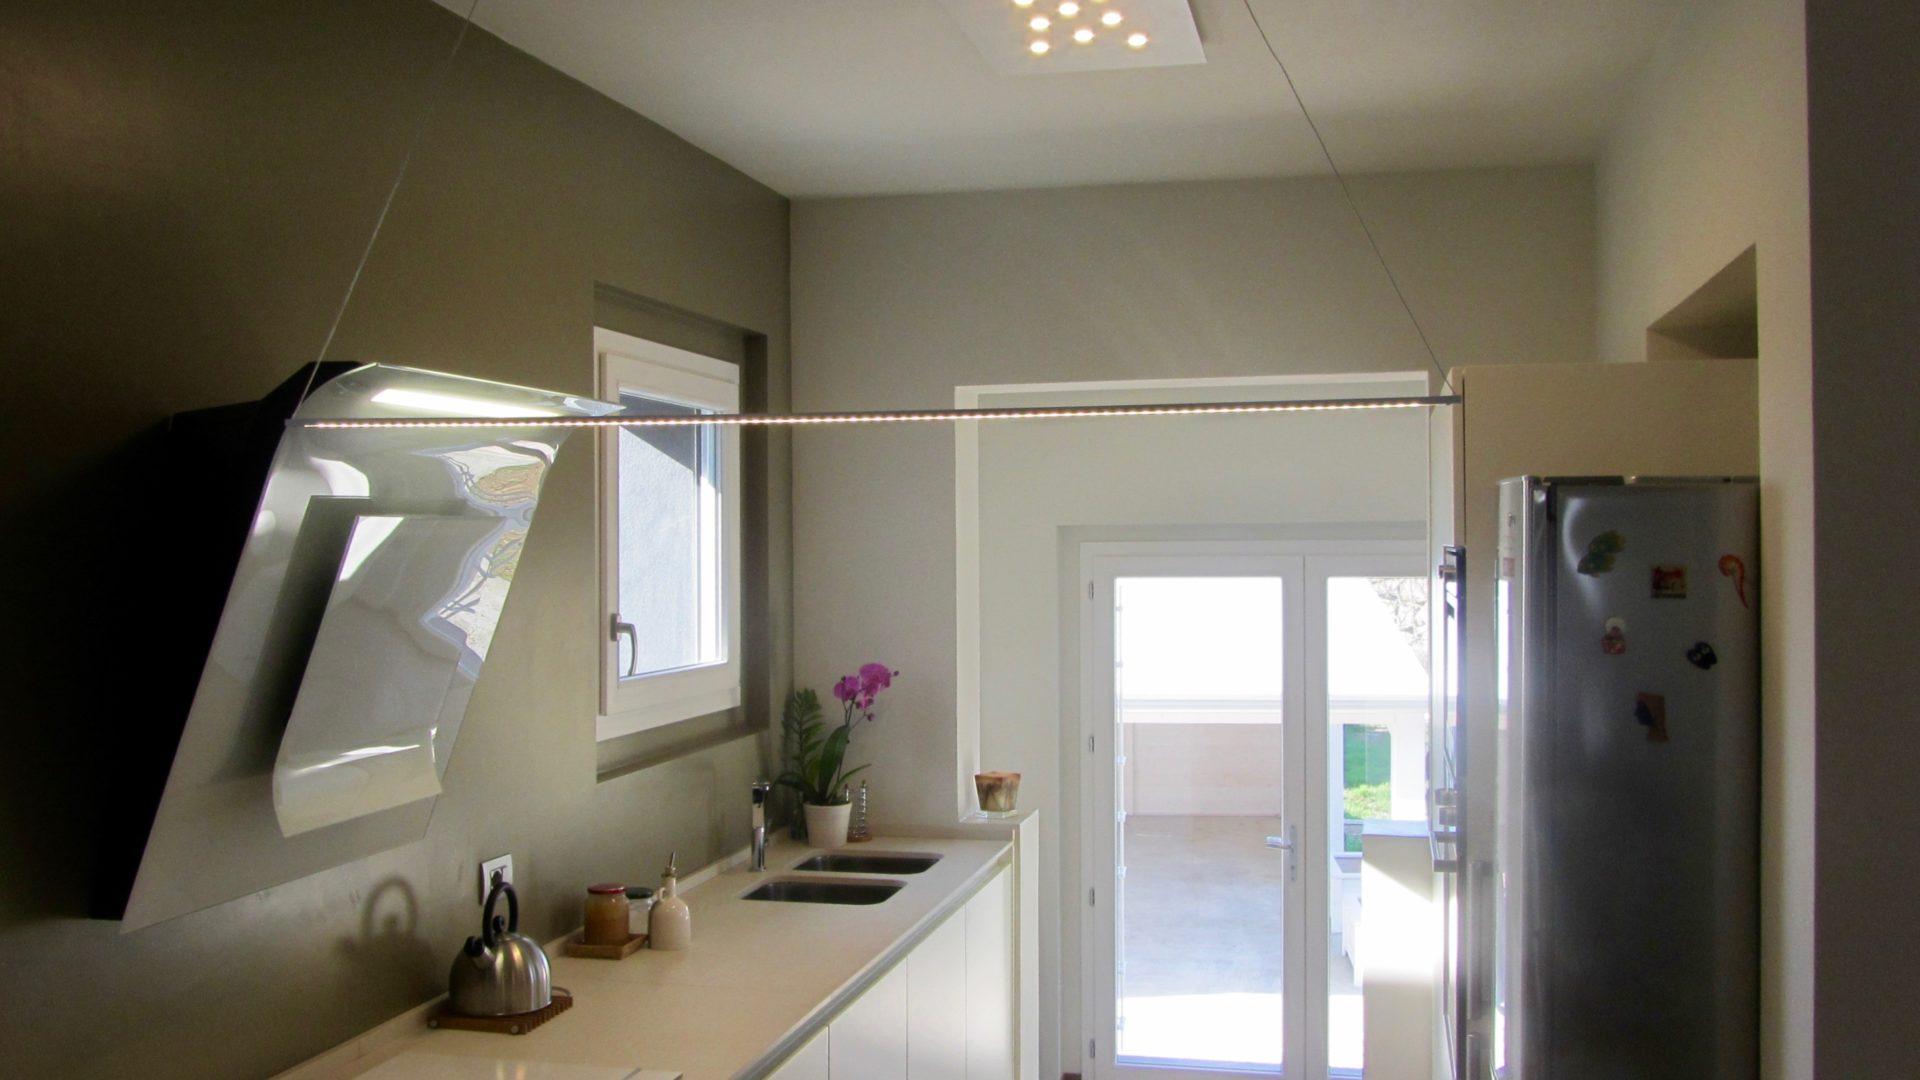 Cucina con penisola e sala da pranzo in residenza a - Cucina e sala ...